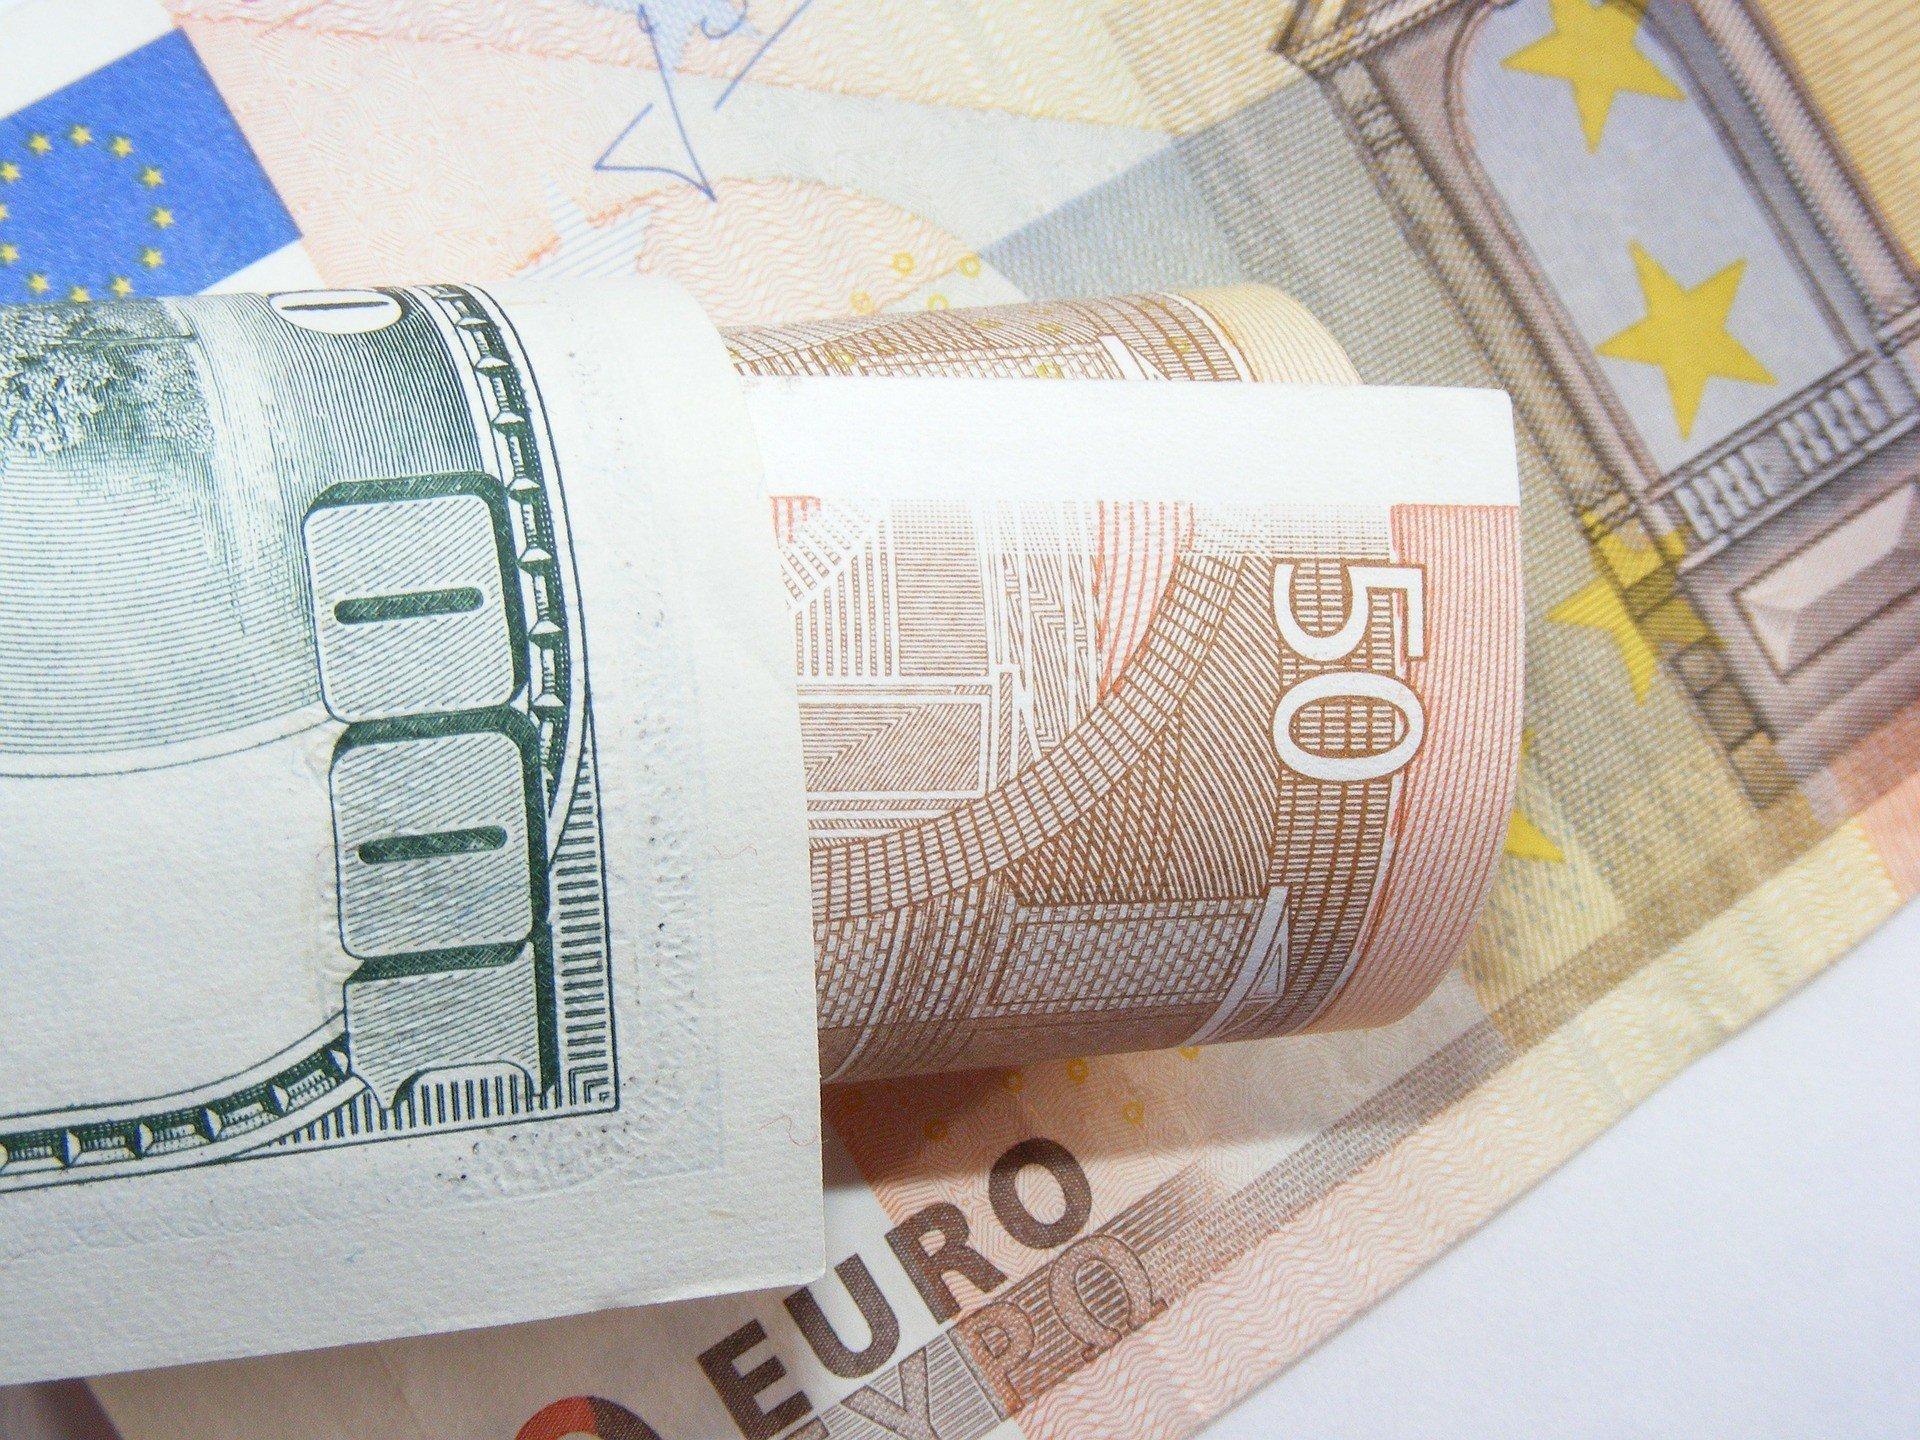 НБУ на межбанке скупает доллары Нафтогаза